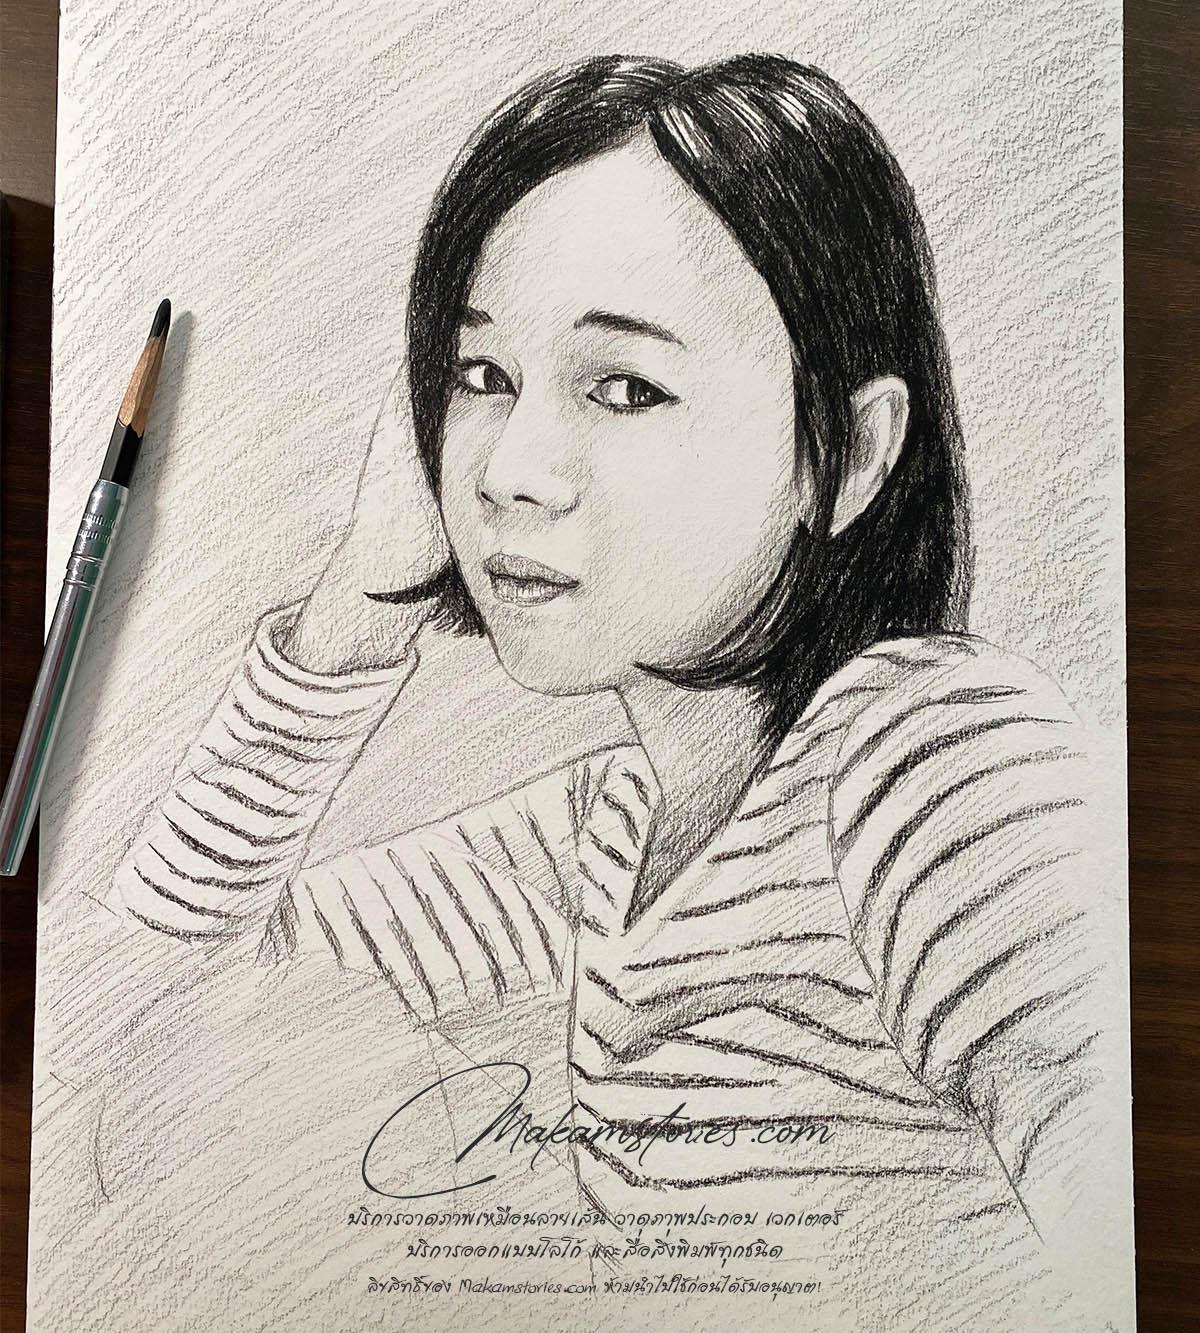 ภาพเหมือนลายเส้นดินสอ ภาพวาดดรออิ้ง ภาพวาดลายเส้นผู้หญิง Drawing Portrait